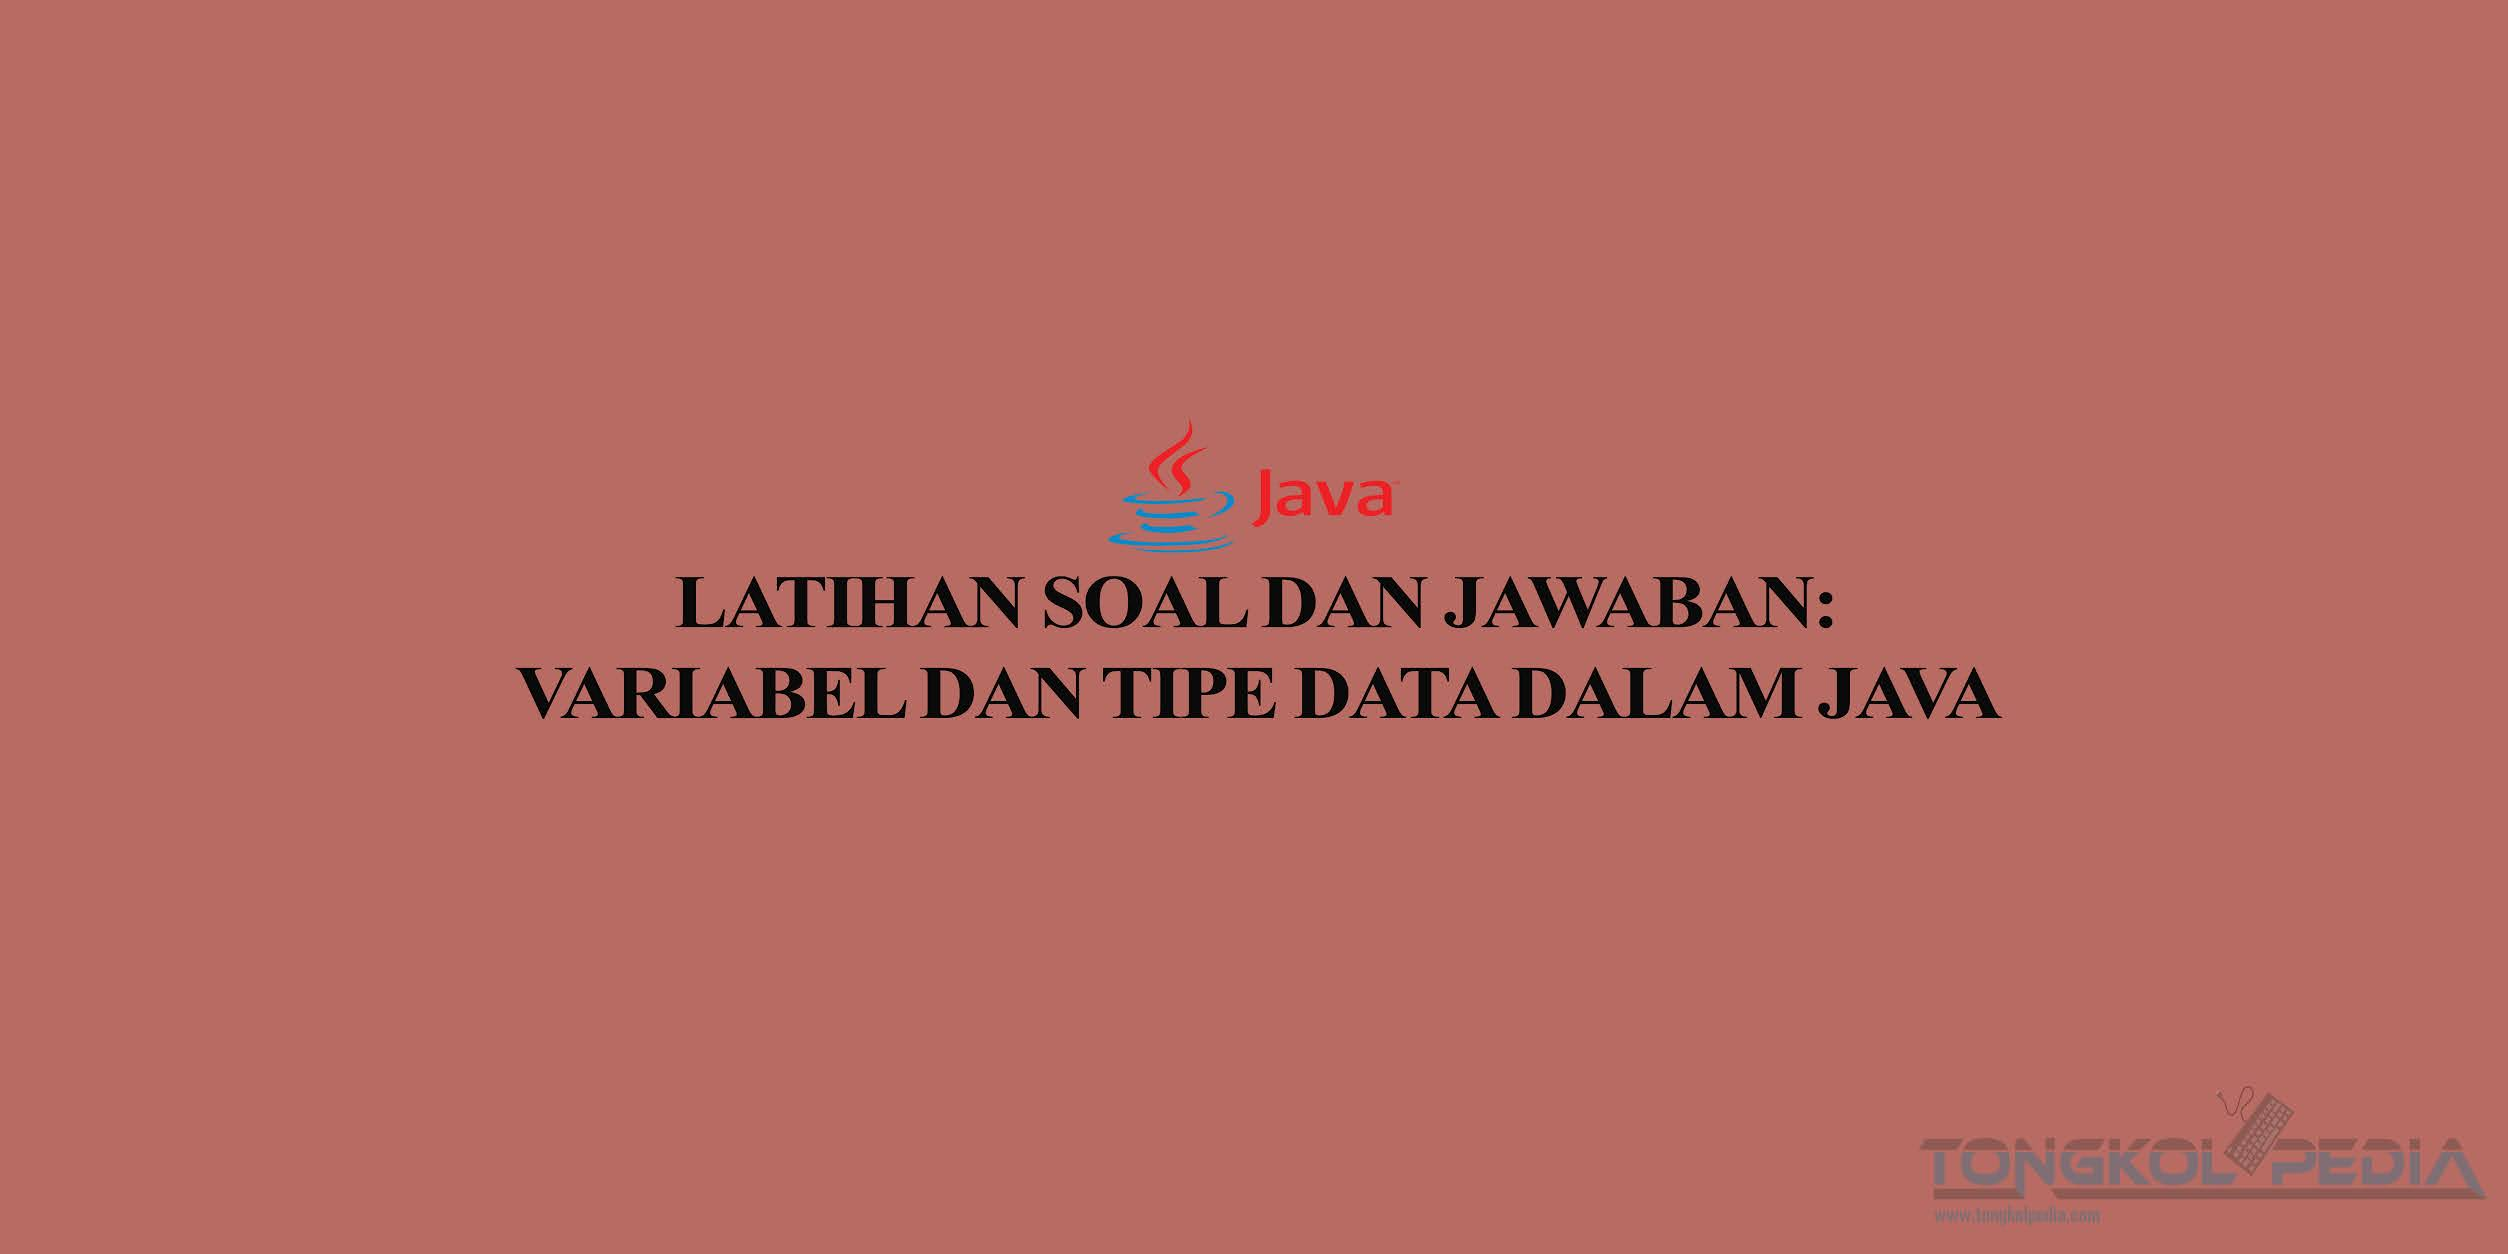 Latihan Soal dan Jawaban: Variabel dan Tipe Data Dalam Java